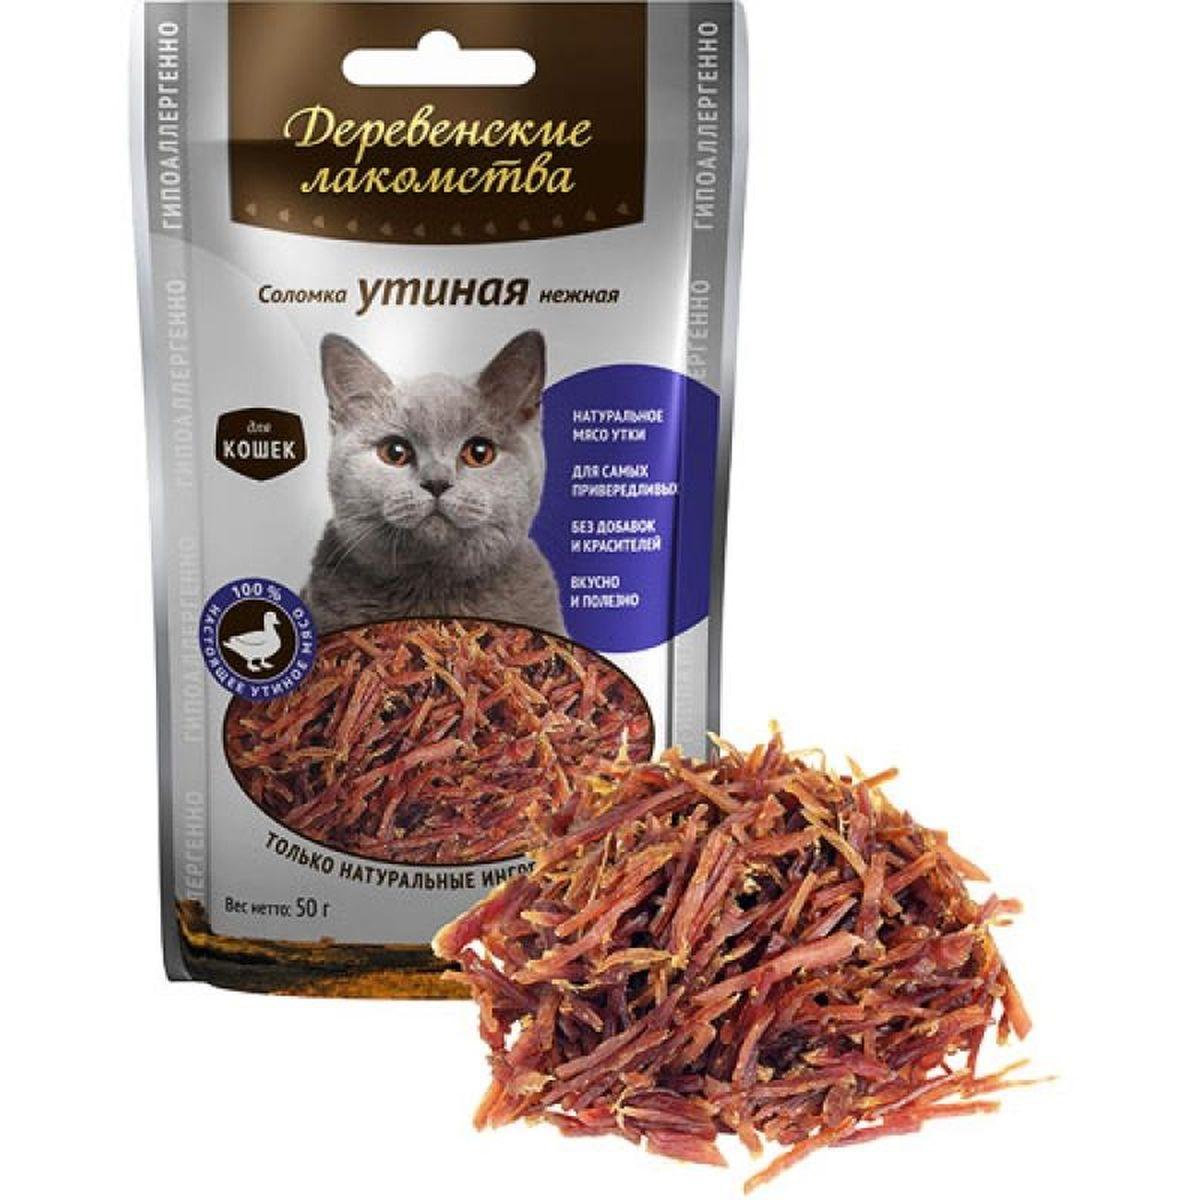 Лакомство для кошек Деревенские лакомства, соломка утиная нежная, 50 г41161Лакомство для кошек. Нежную утиную соломку можно использовать как отдельное лакомство, а можно добавлять в основной корм. Попробуйте — от такого корма не откажется никто!Состав: мясо утки.Гарантированные показатели на 100 г продукта:белок — 40,90 г,жир — 2,77 г,влага — 23,00 г,клетчатка — 0,39 г.Энергетическая ценность в 100 г продукта: 204,5 ккал. Товар сертифицирован.